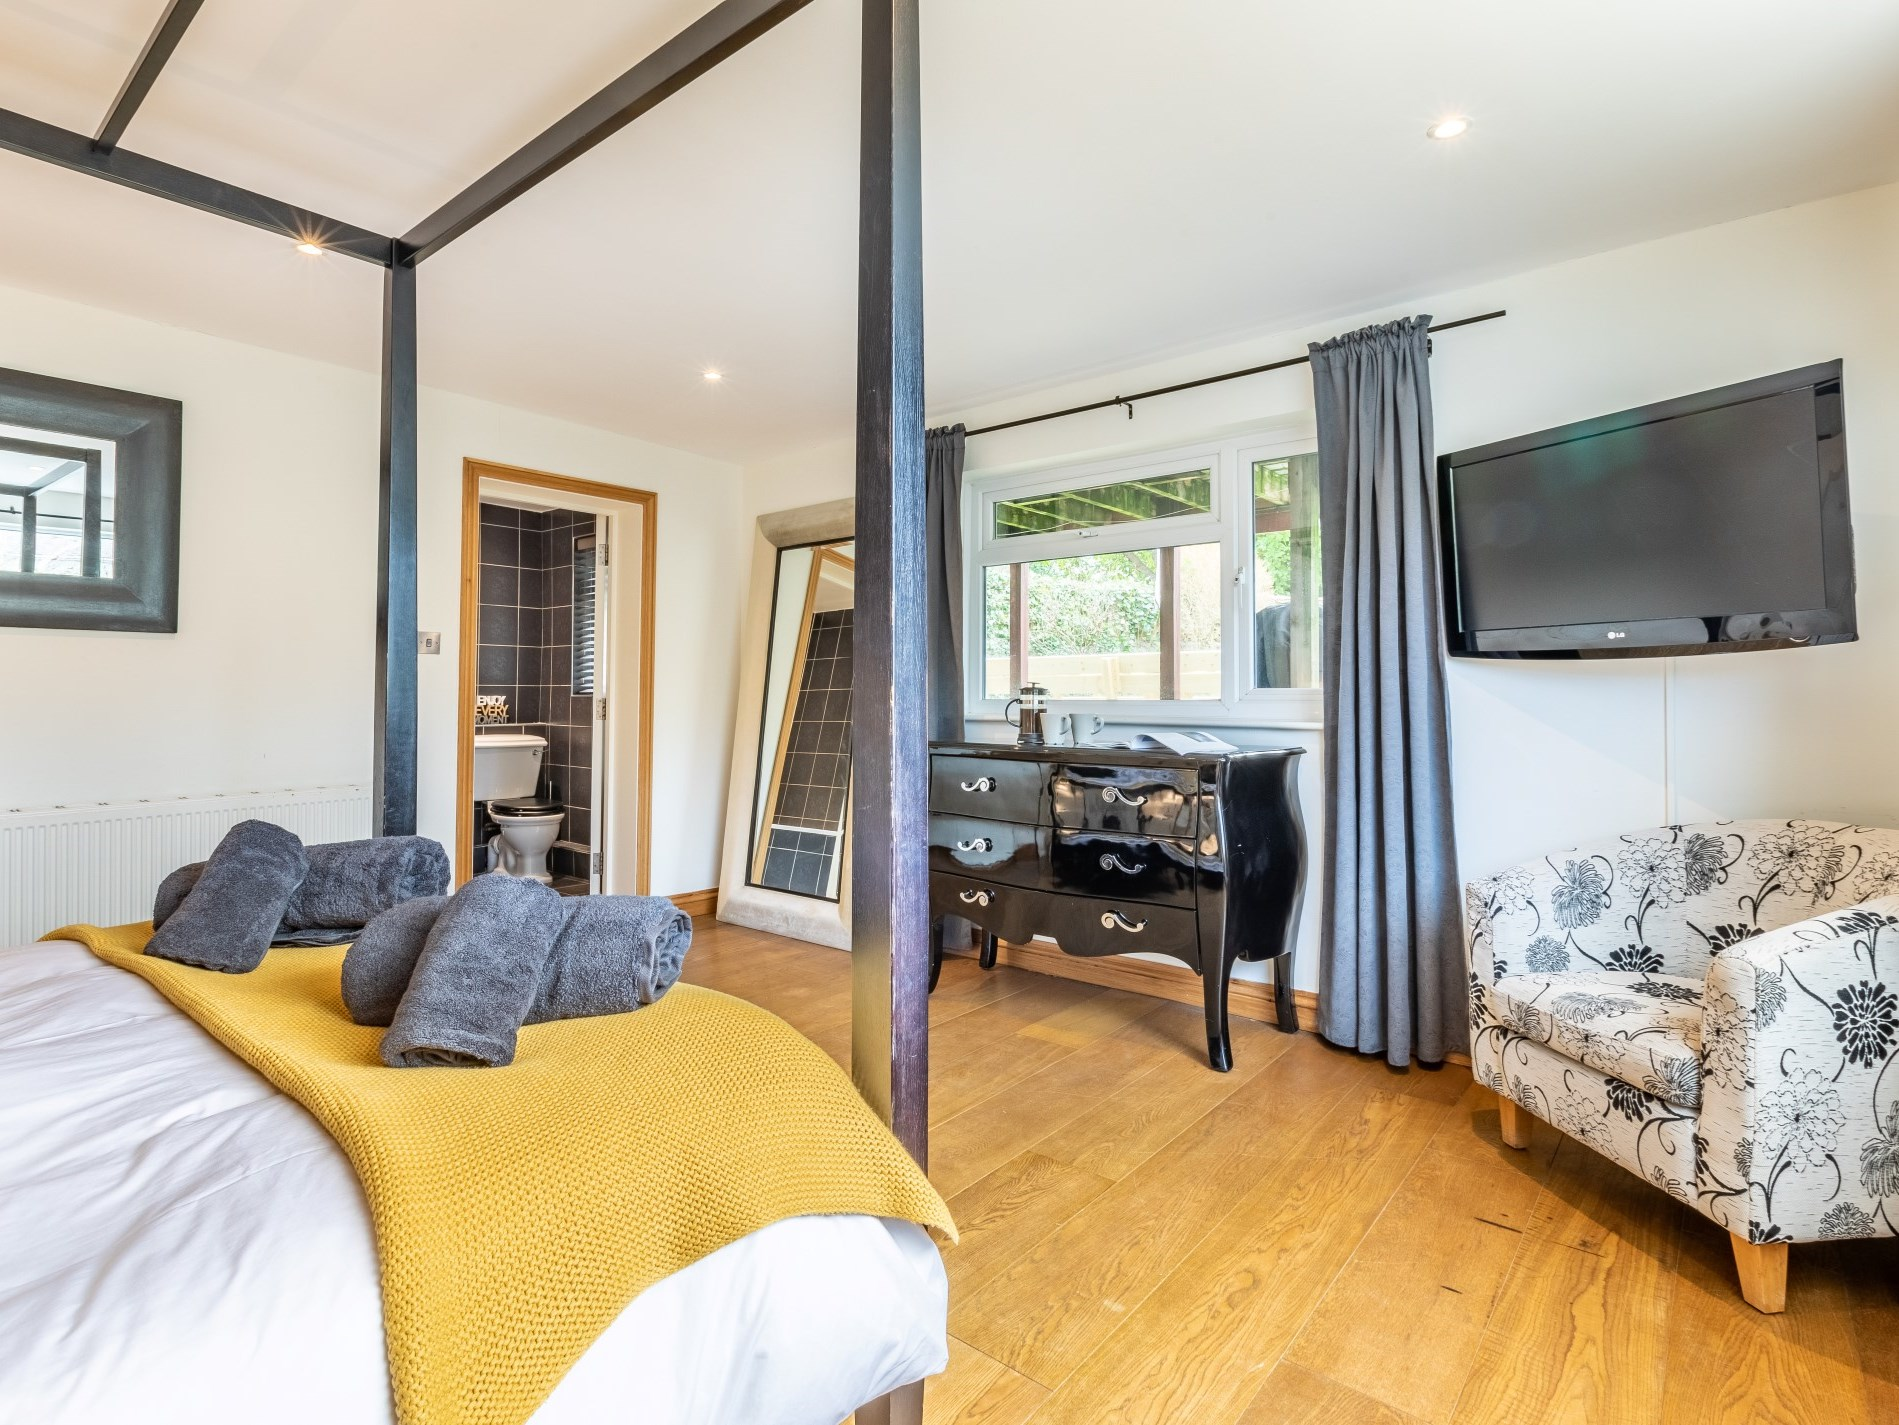 4 Bedroom Cottage in Braunton, Devon